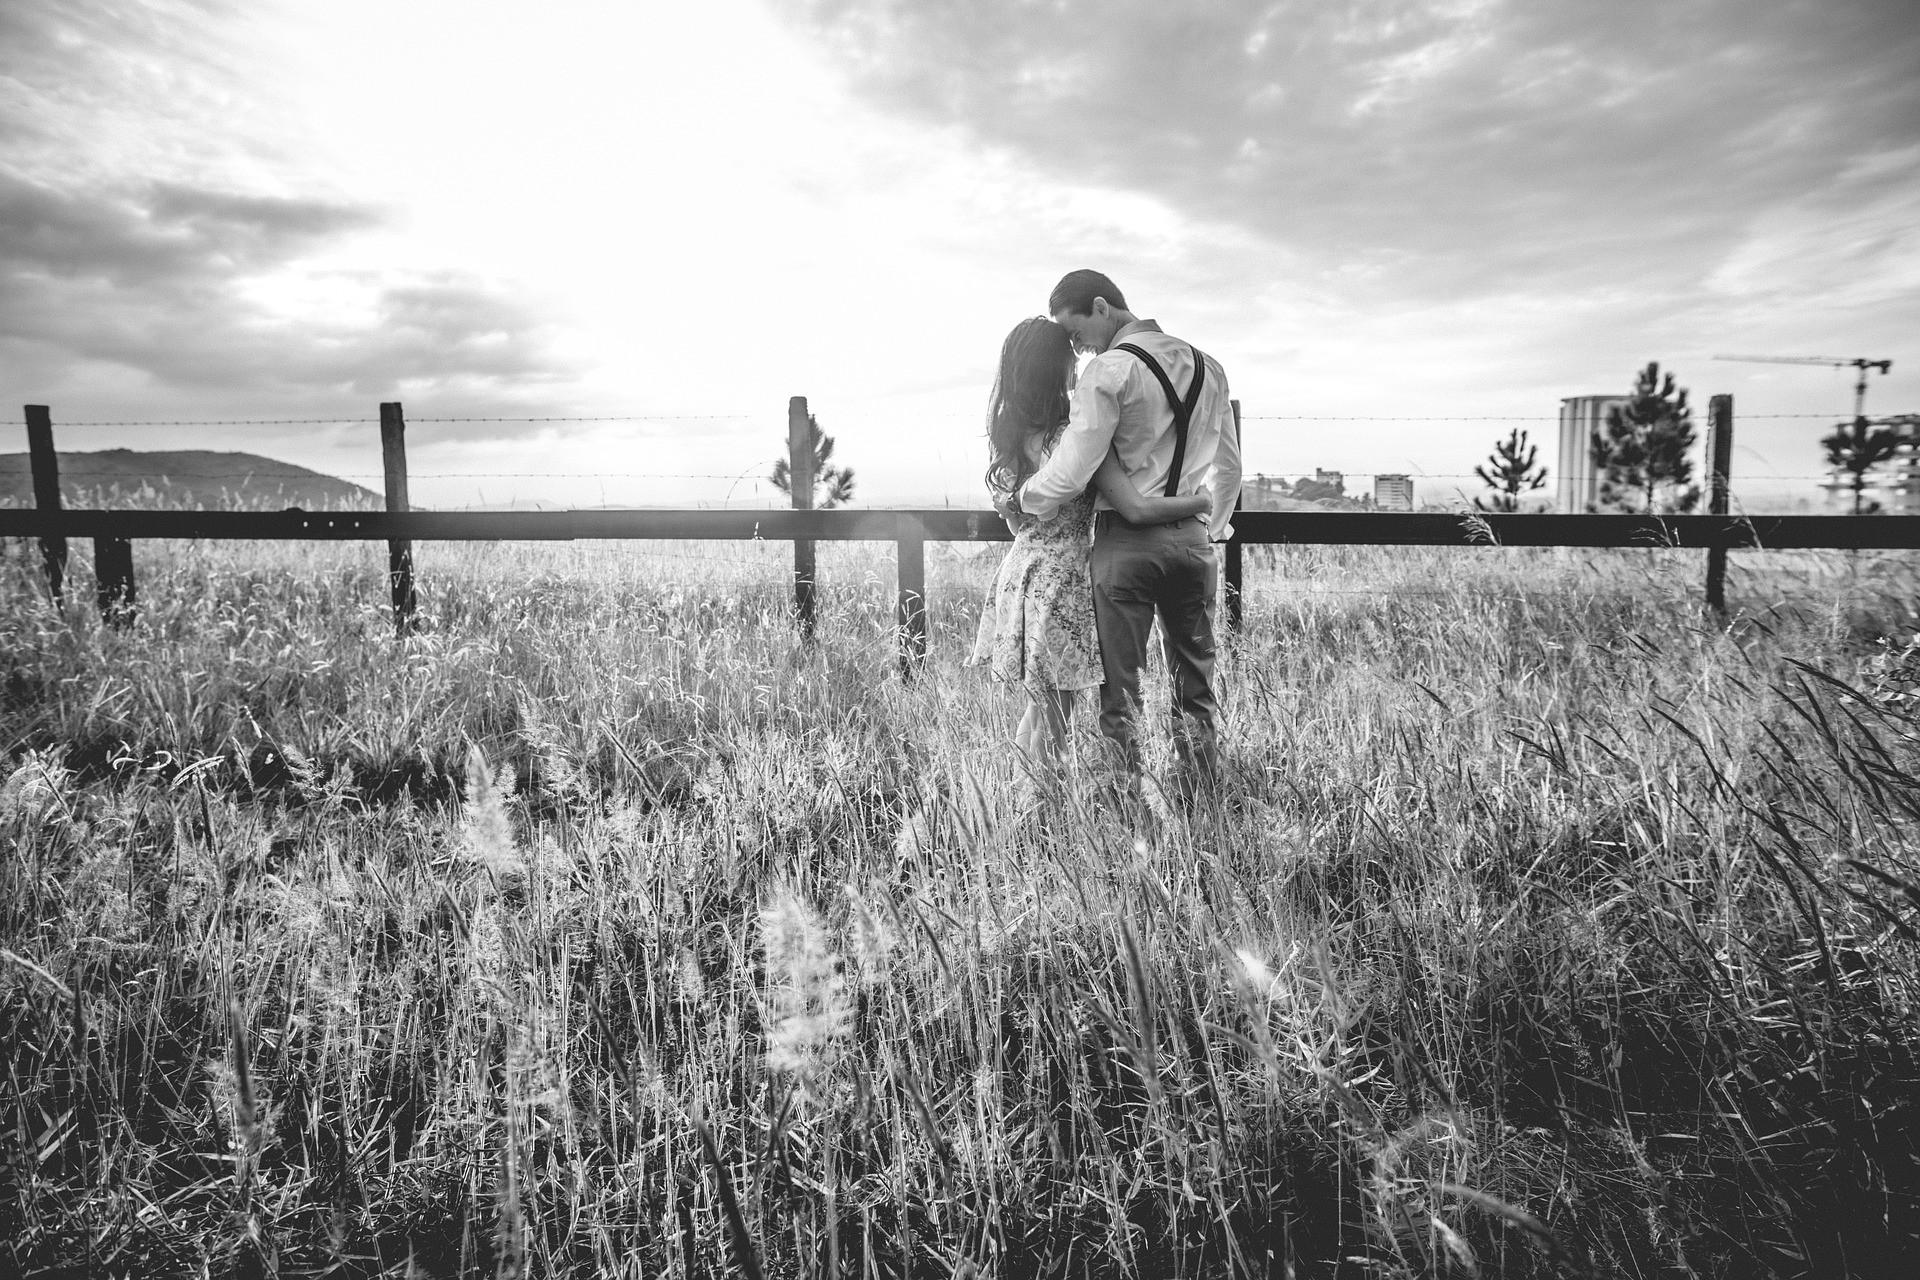 Ingin Pasangan Tidak Melirik Wanita Lain, Ketahui 3 Langkah Memuaskan Dia - JPNN.com